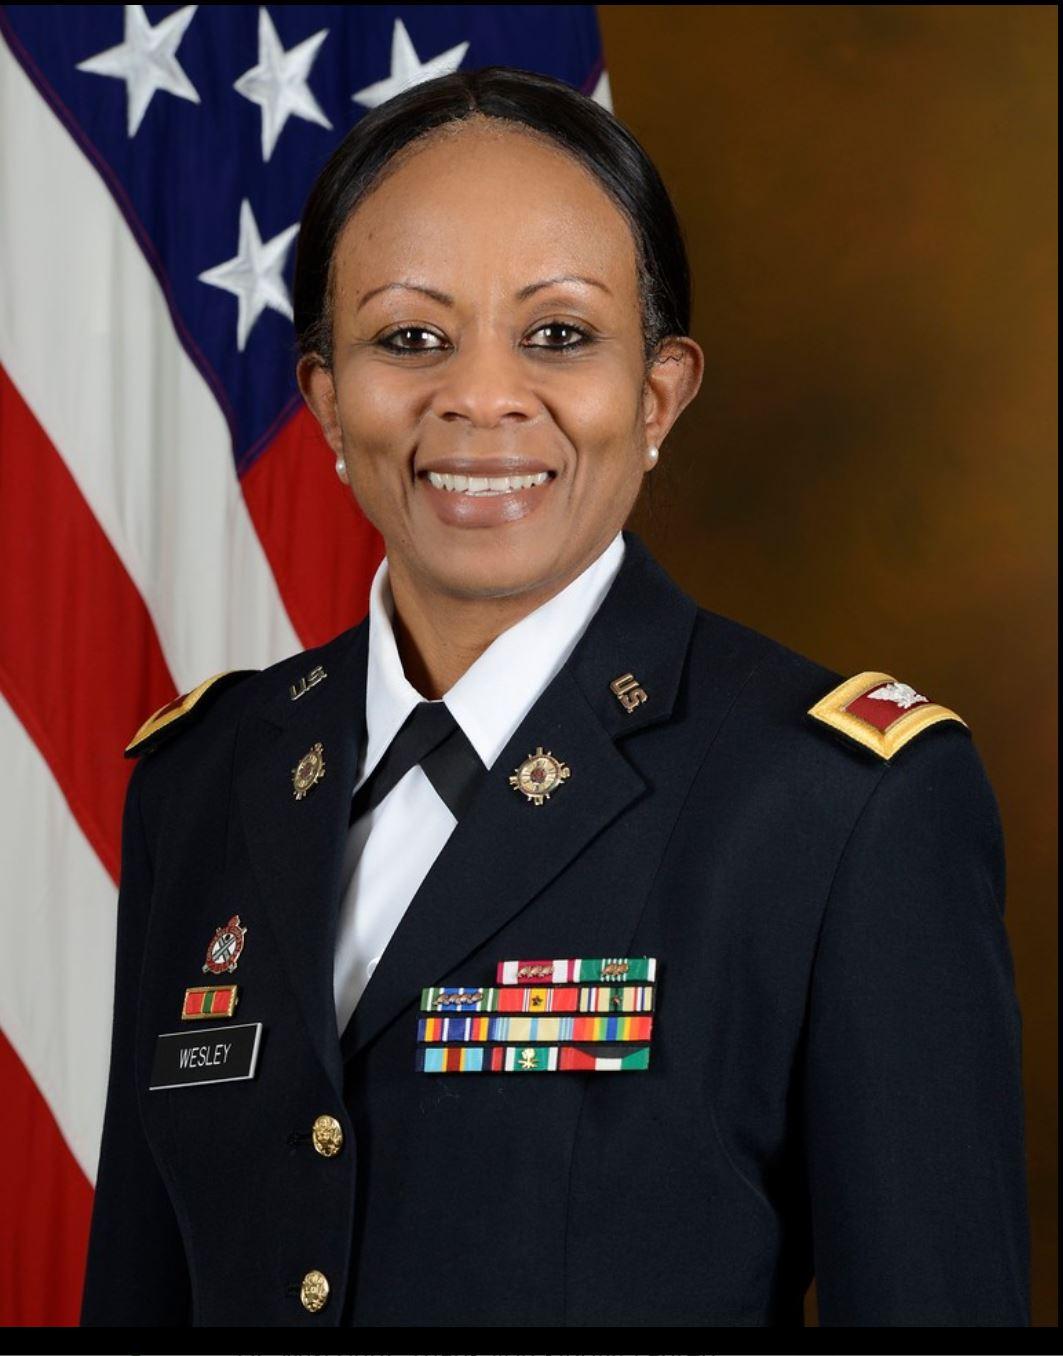 Colonel Jennifer Wesley JROTC Senior Commander   Email : jennifer.wesley@k12.dc.gov  Room 3172    Bio